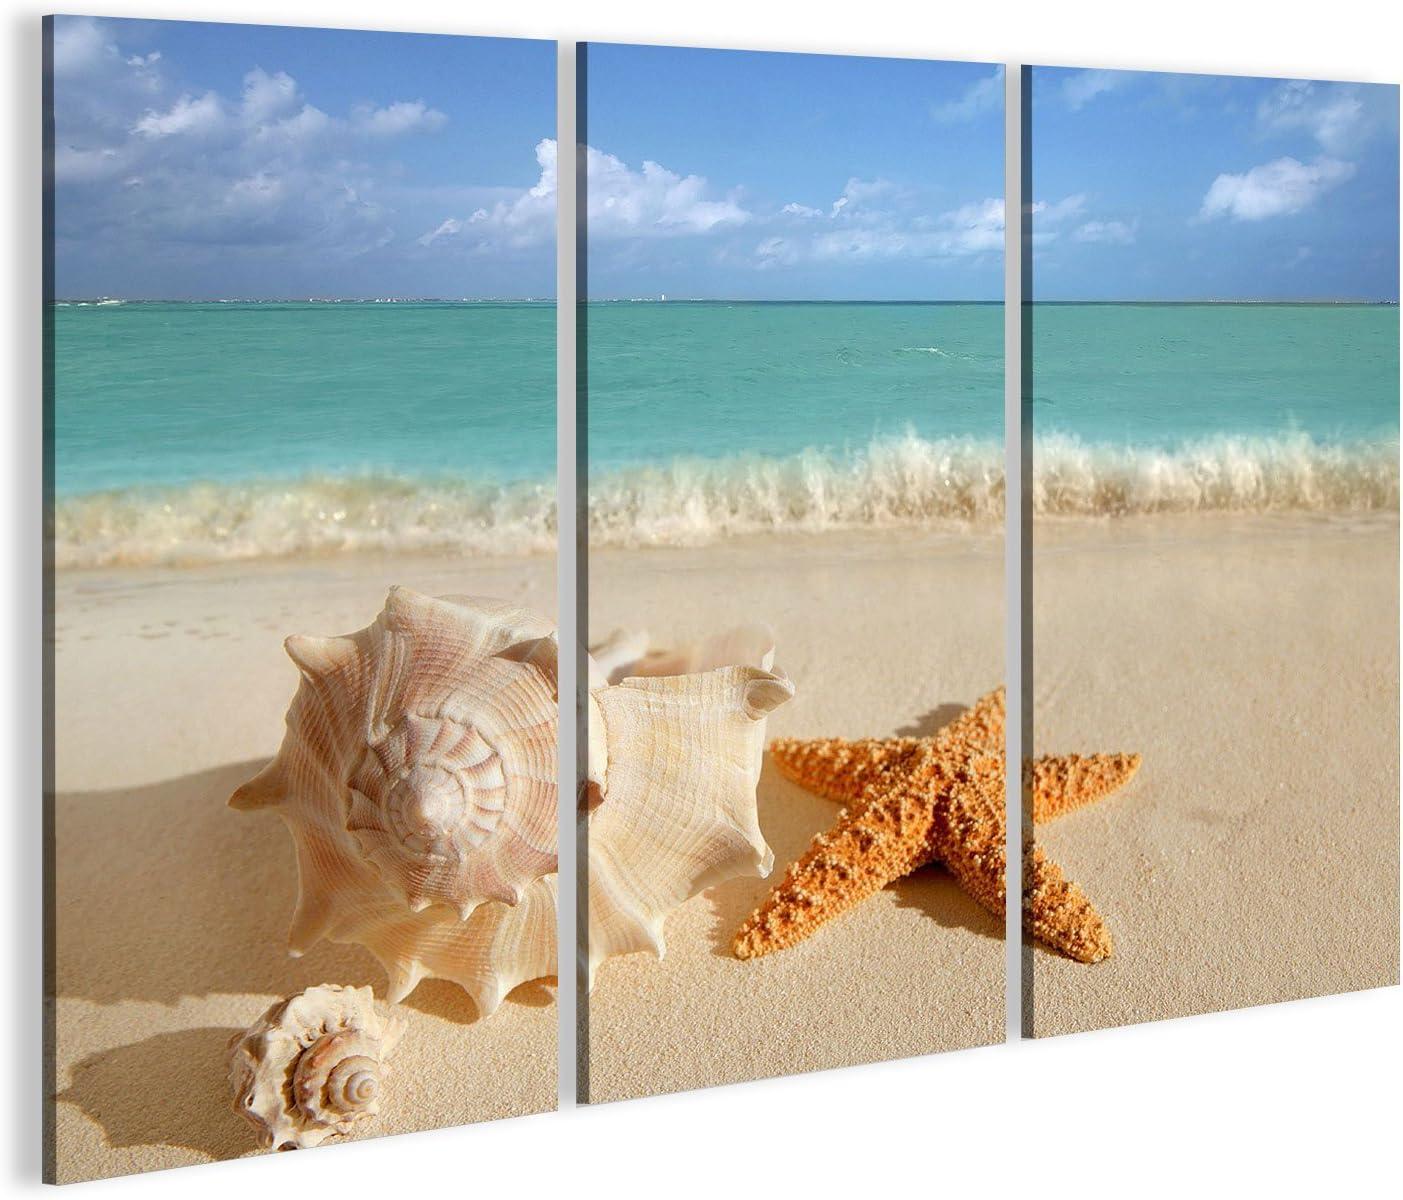 Cuadro Cuadros Conchas Estrellas de mar en la arena de color turquesa verano tropical del Caribe símbolo viajes de vacaciones Impresión sobre lienzo - Formato Grande - Cuadros modernos EAY